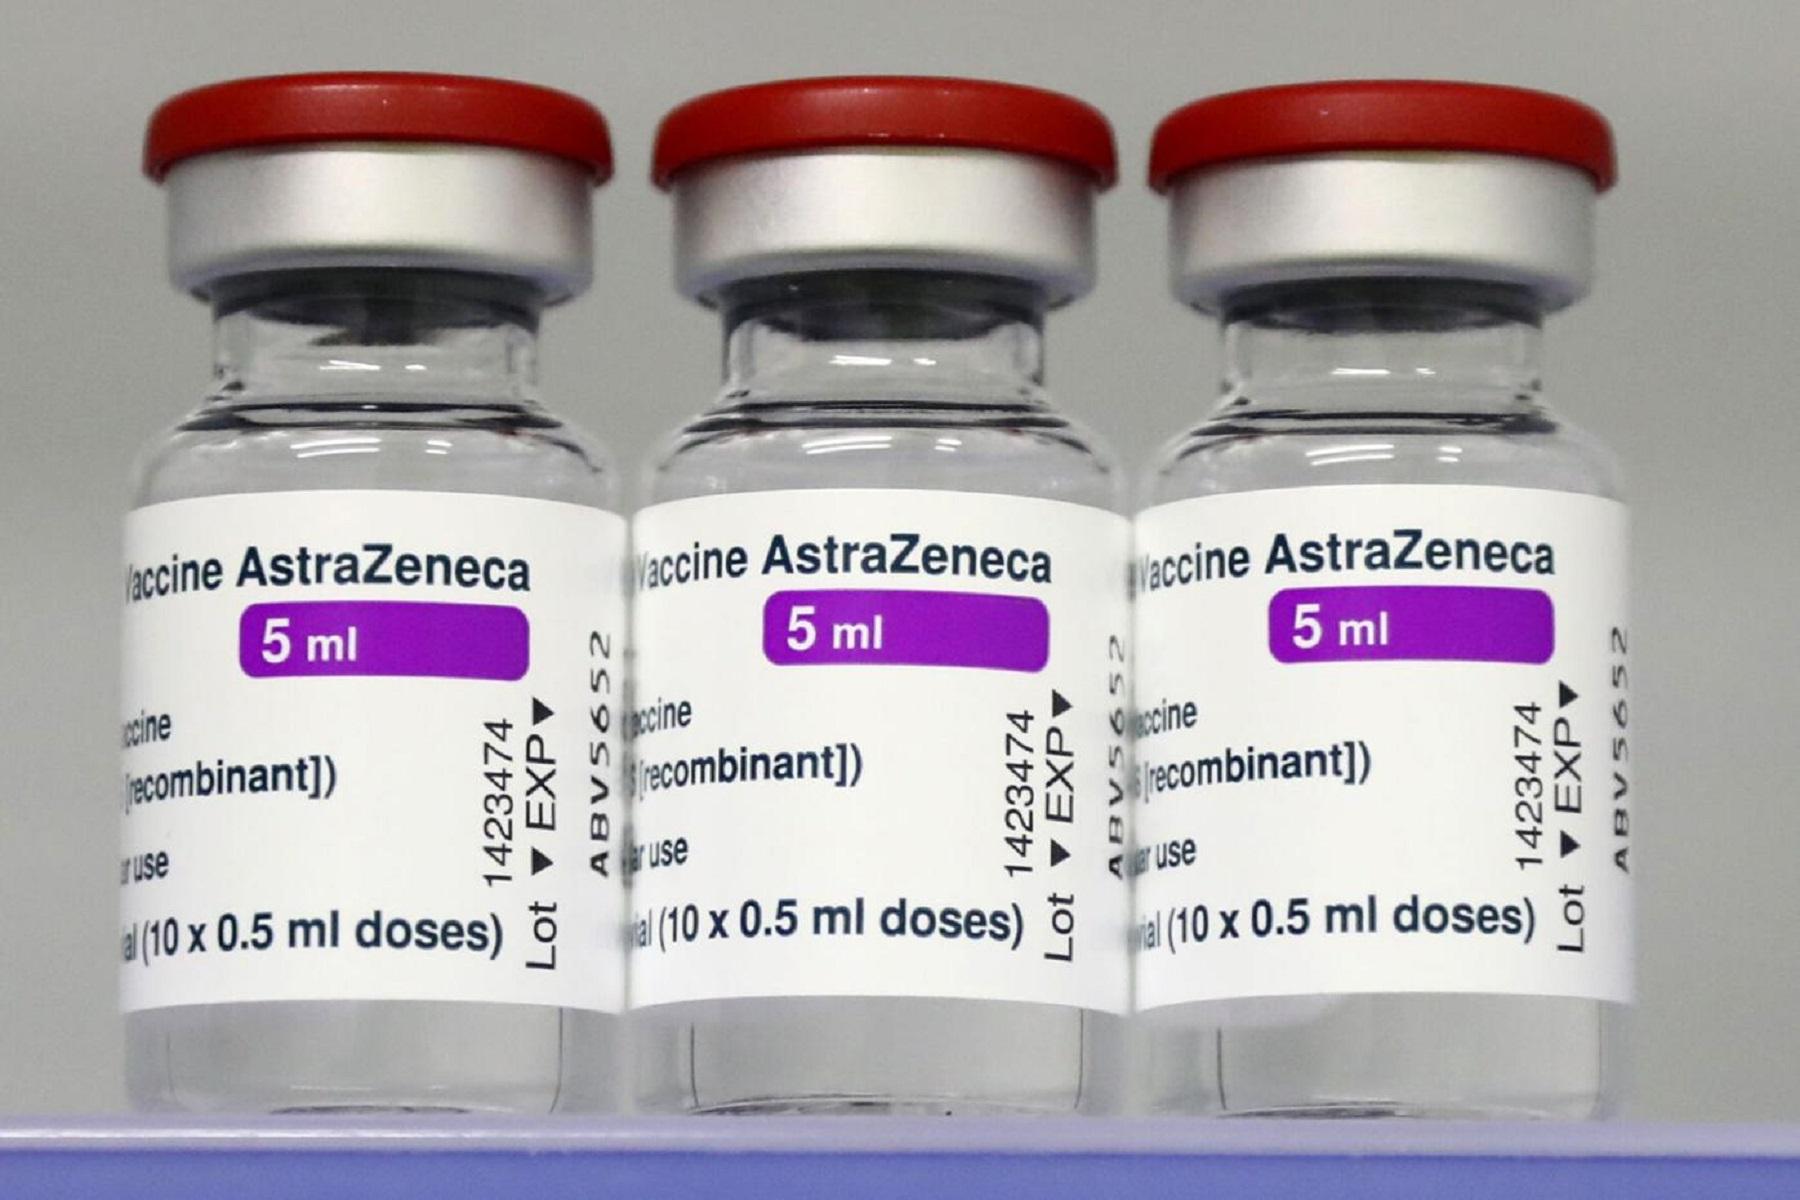 Επιτροπή Ευρώπη: Υποστηρίζει το εμβόλιο COVID-19 της AstraZeneca εν μέσω αναφορών θρόμβων αίματος